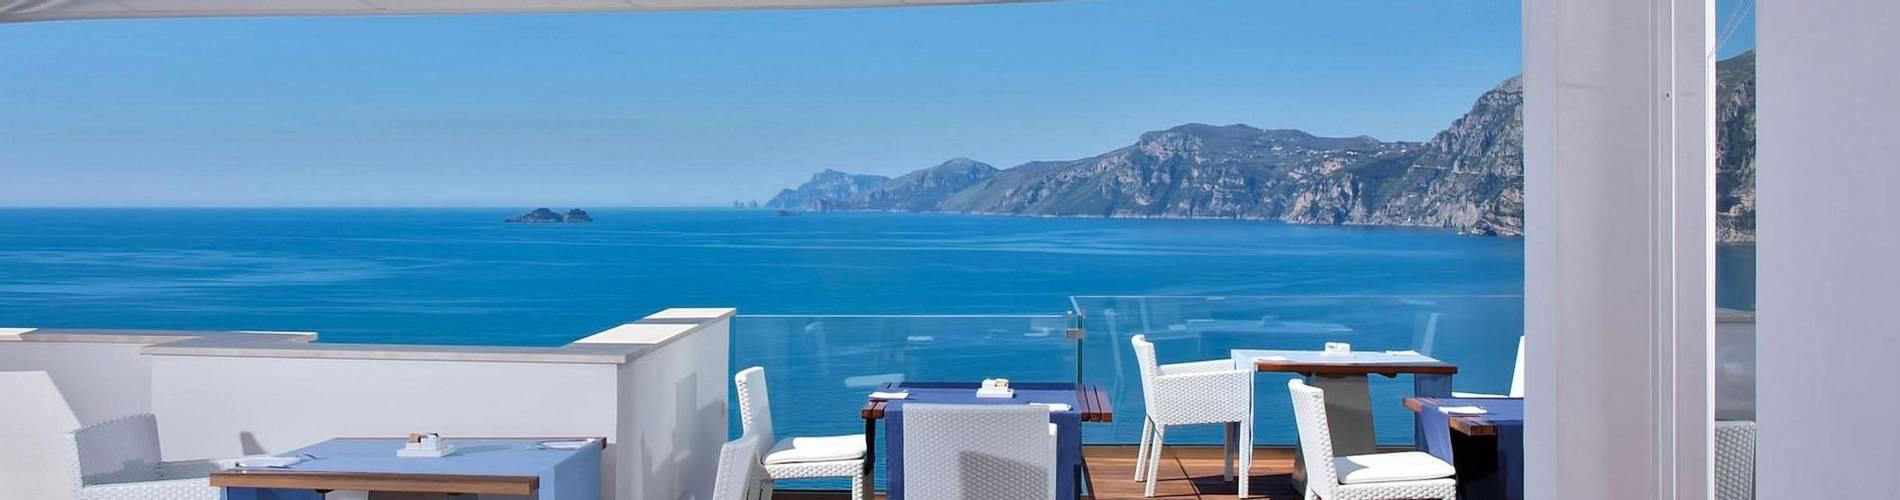 Casa Angelina, Amalfi Coast, Italy (68).jpg